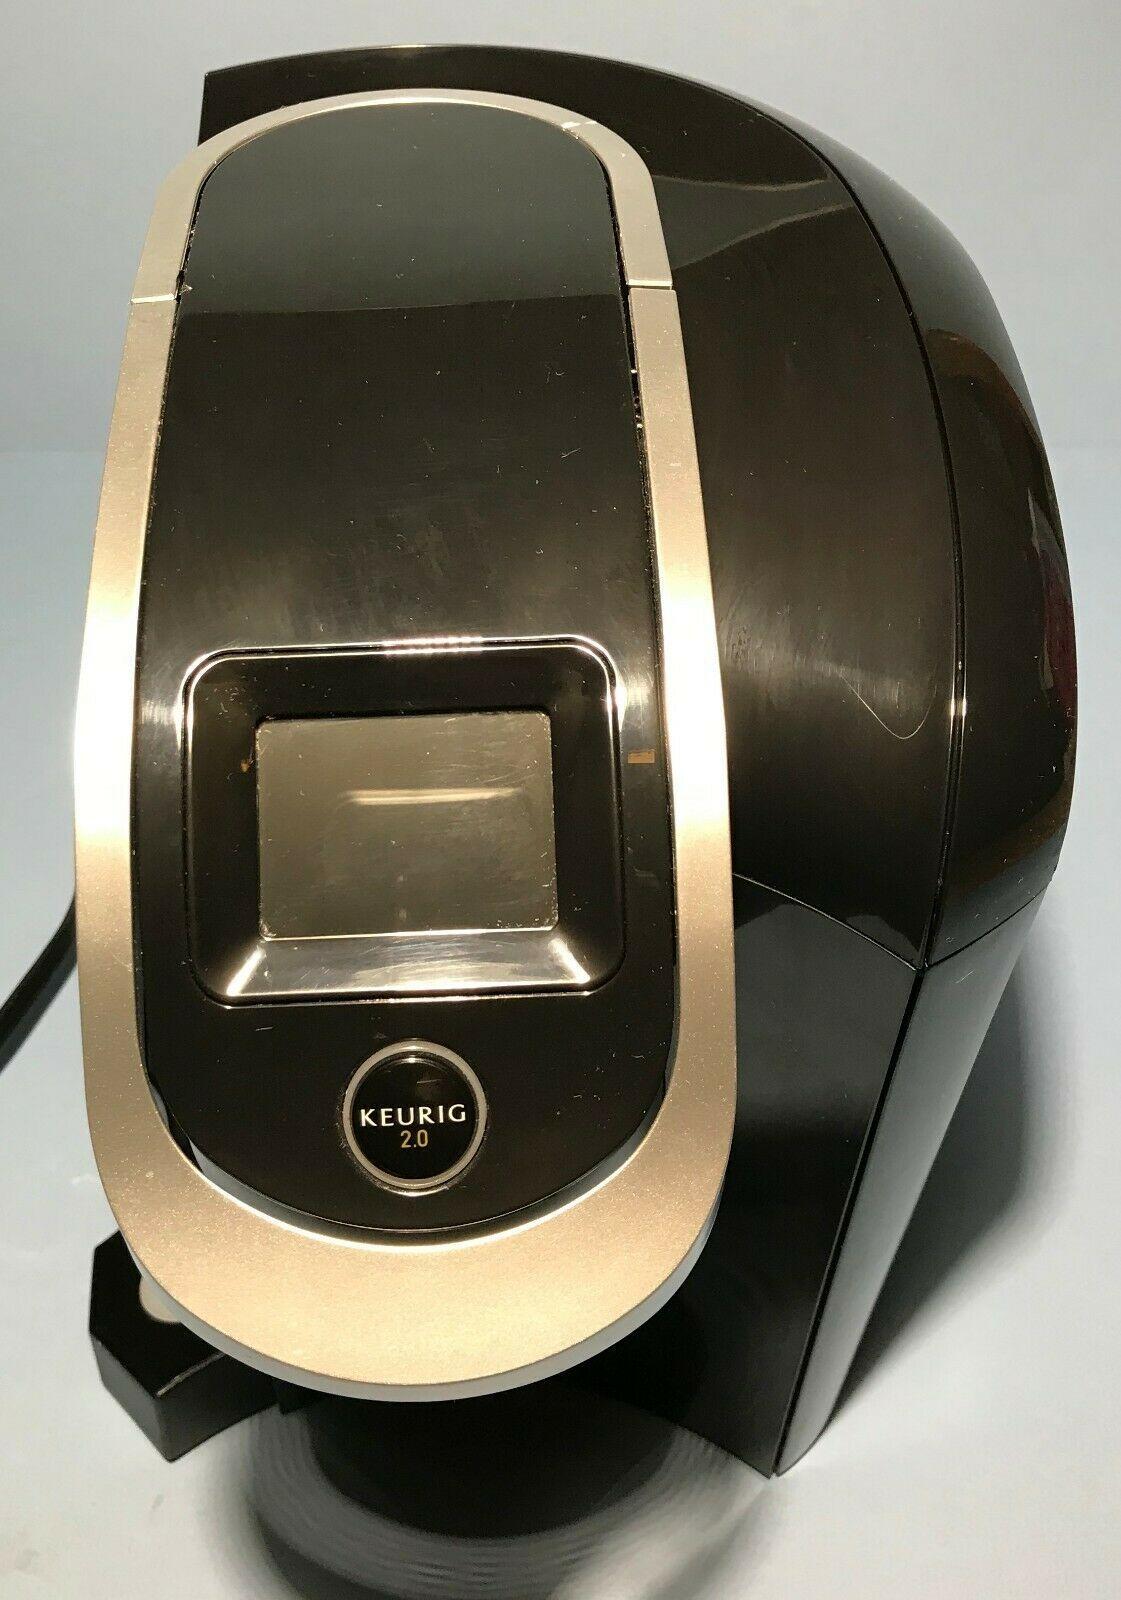 Pin on Keurig Coffee Maker